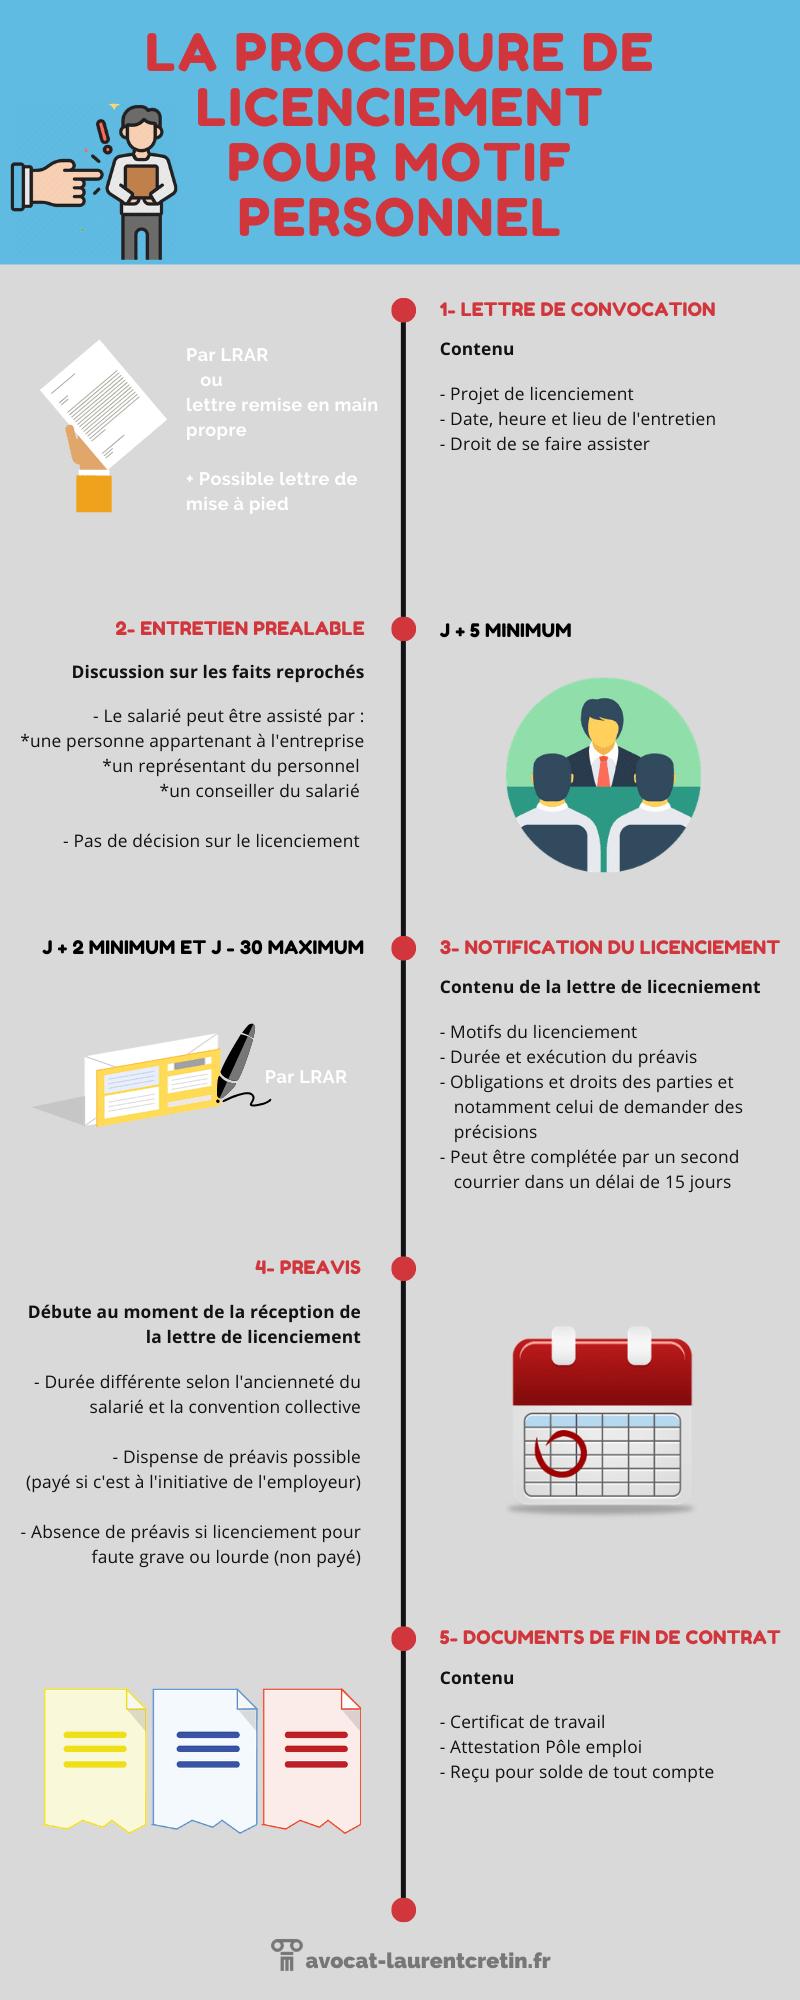 La procédure de licenciement pour motif personnel - infographie